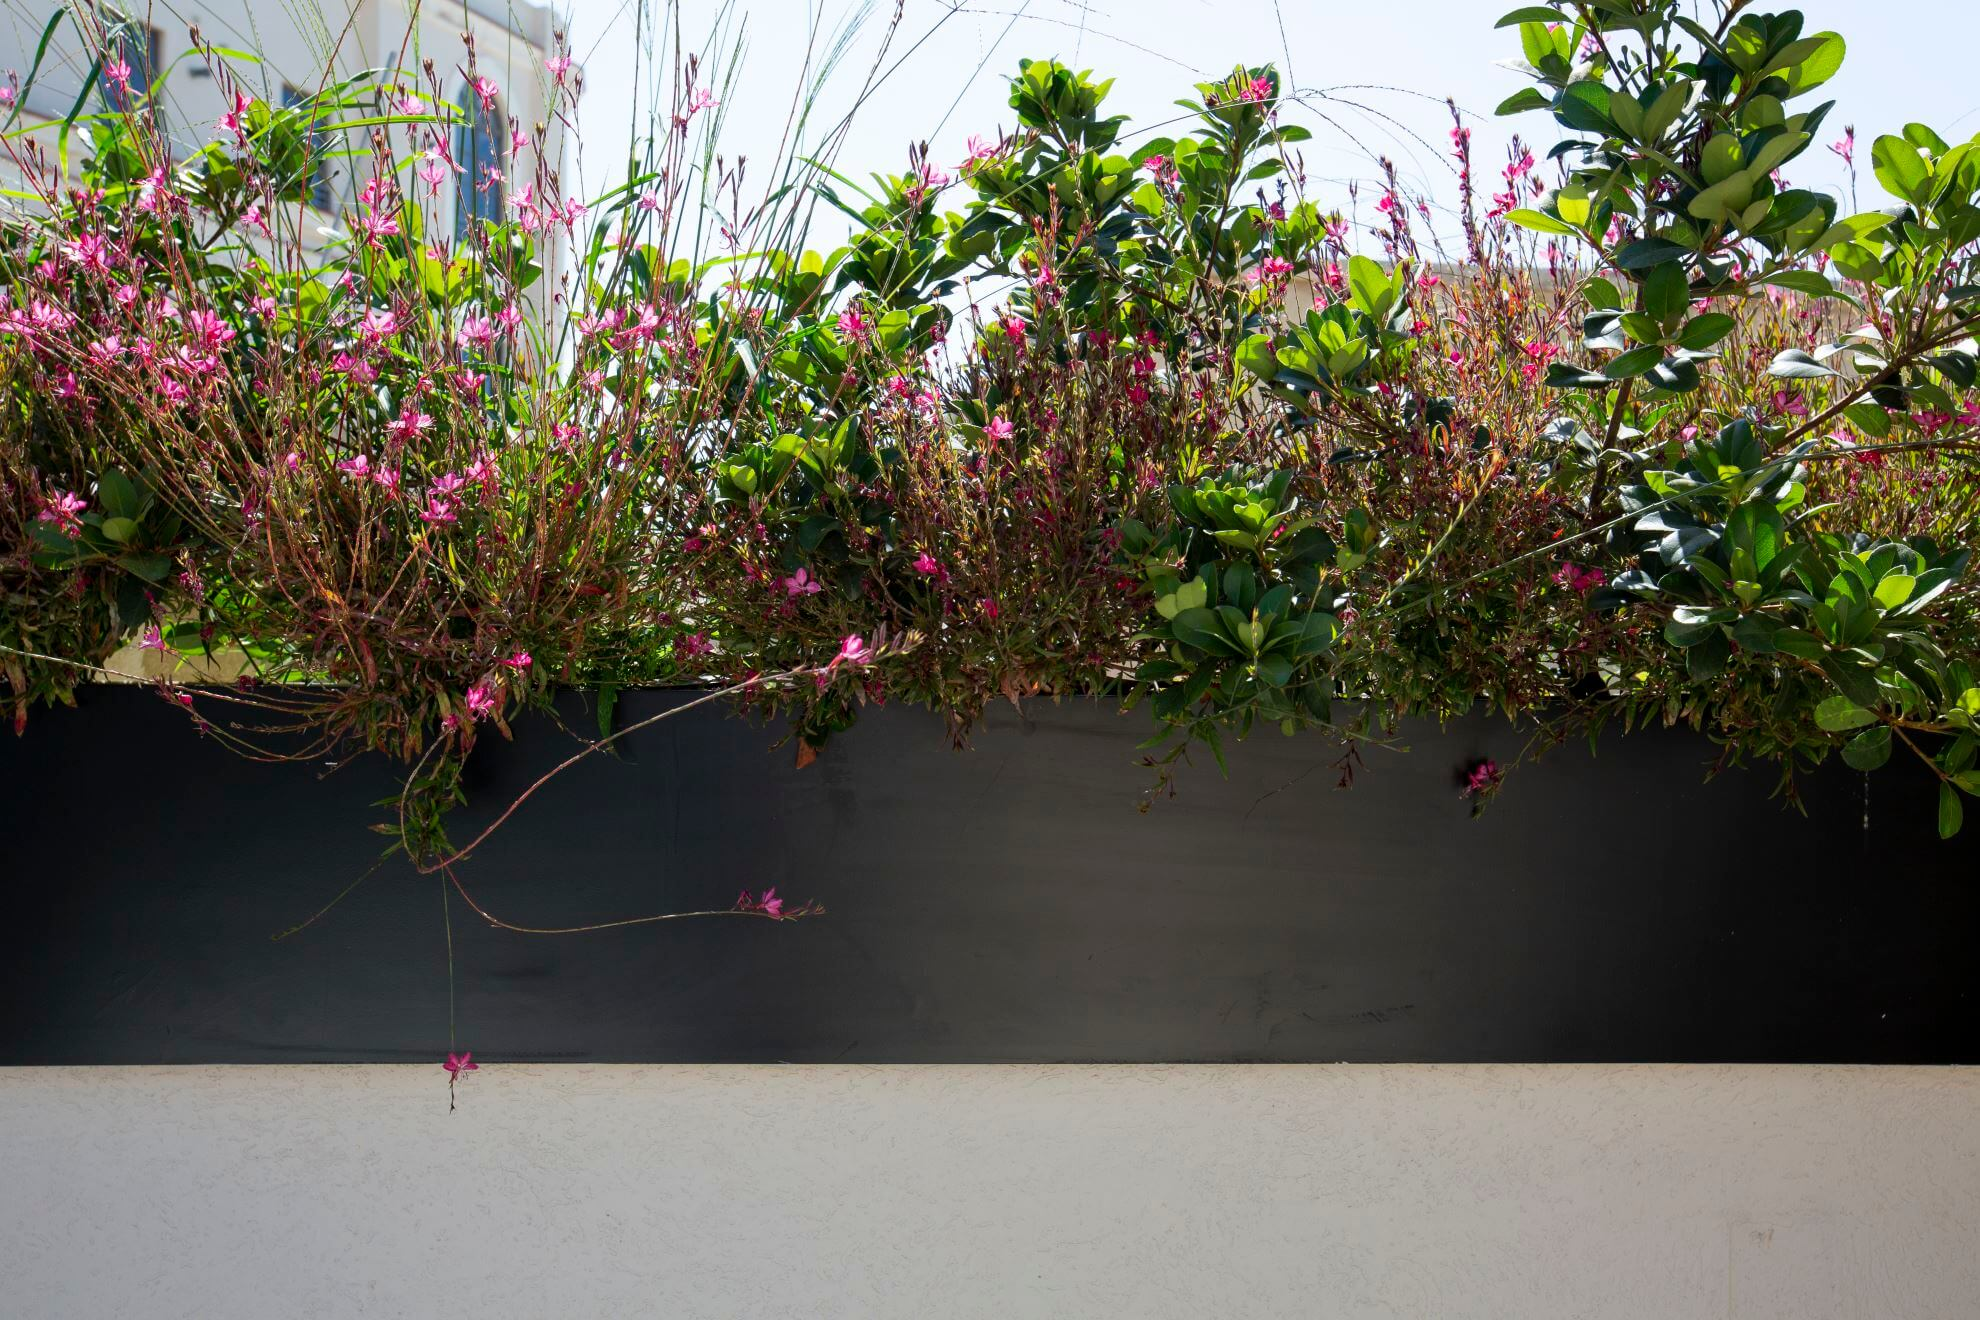 אדניות מתכת במרפסת בגימור אלגנטי